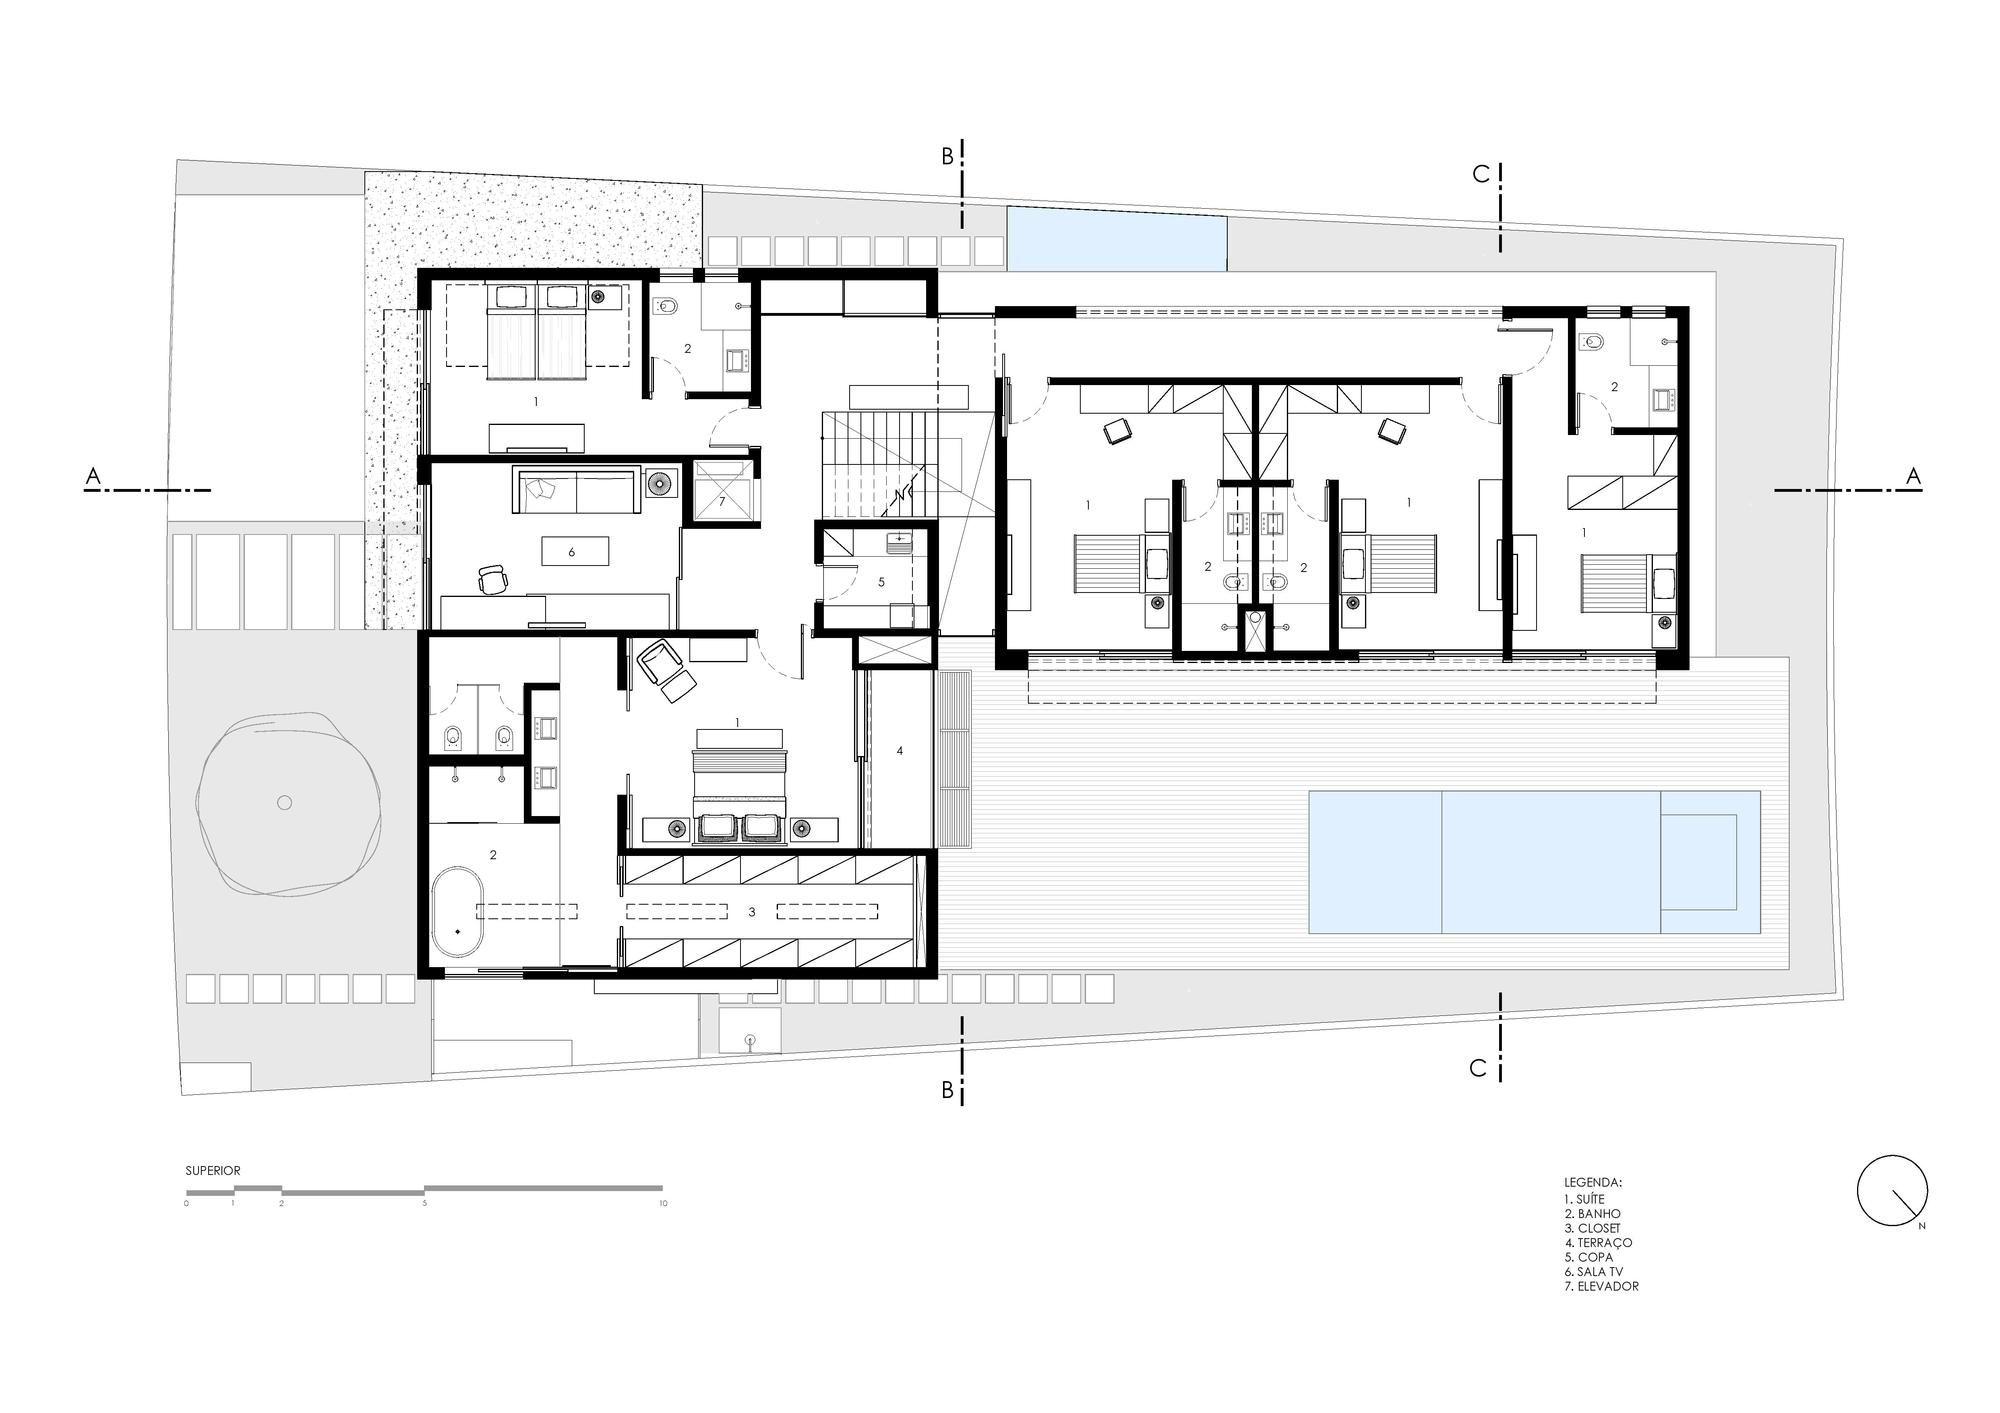 Imagem 23 de 33 da galeria de Projeto Residência Alphaville / mass arquitetura. Planta Superior